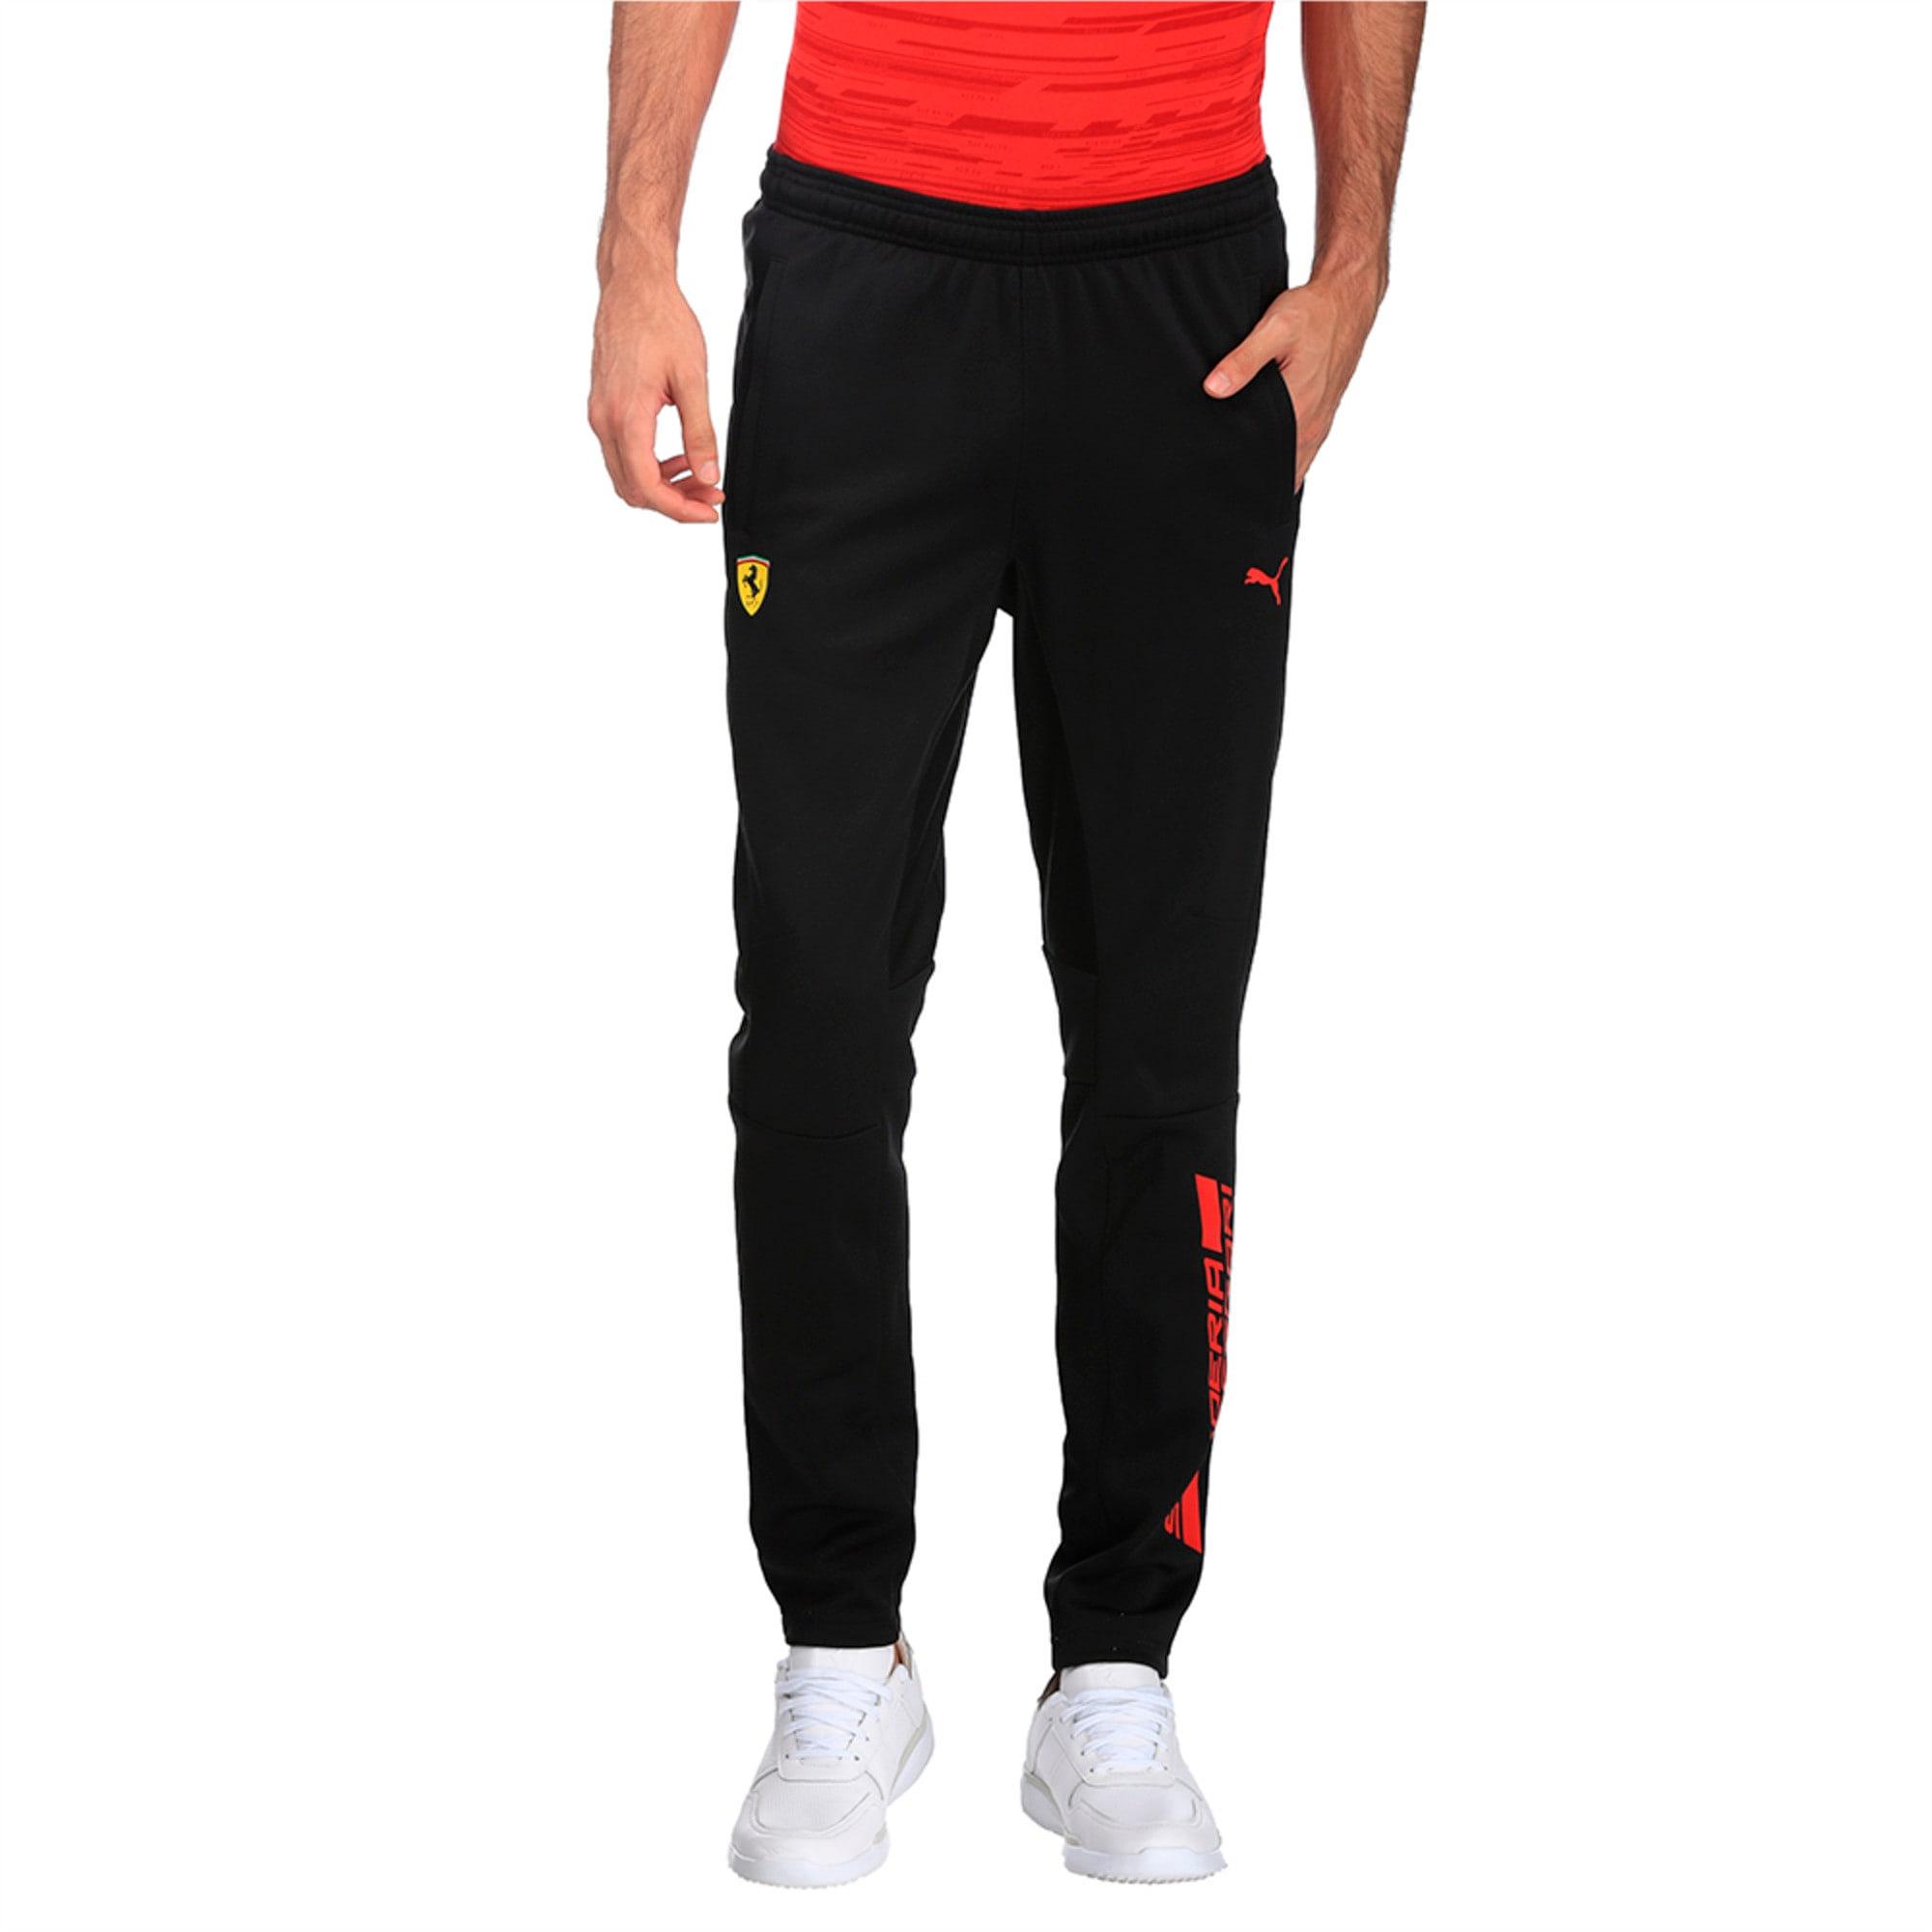 Ferrari Men S Track Pants Puma Pants Puma